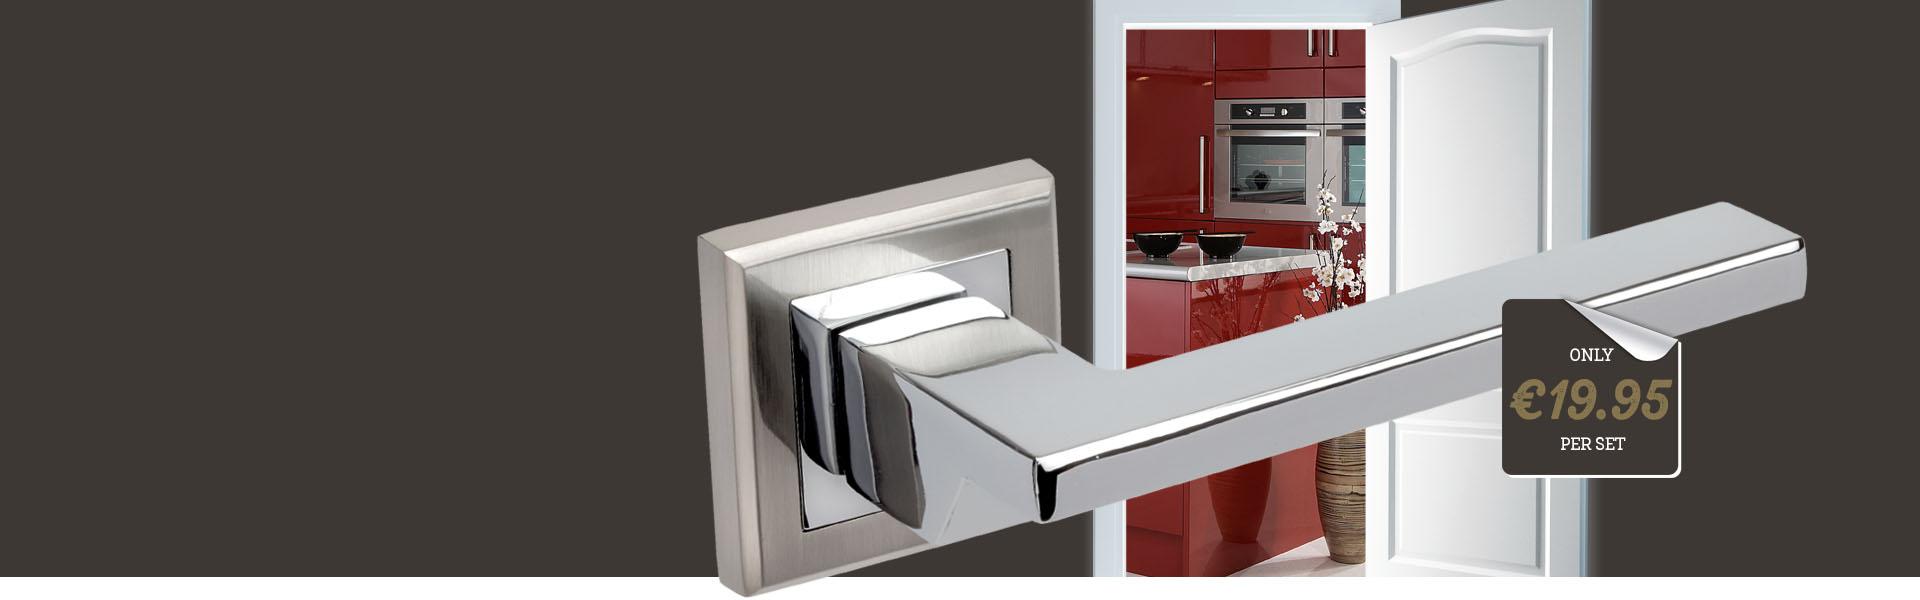 Door Handles Ireland Buy Stainless Steel And Cheap Chrome Door